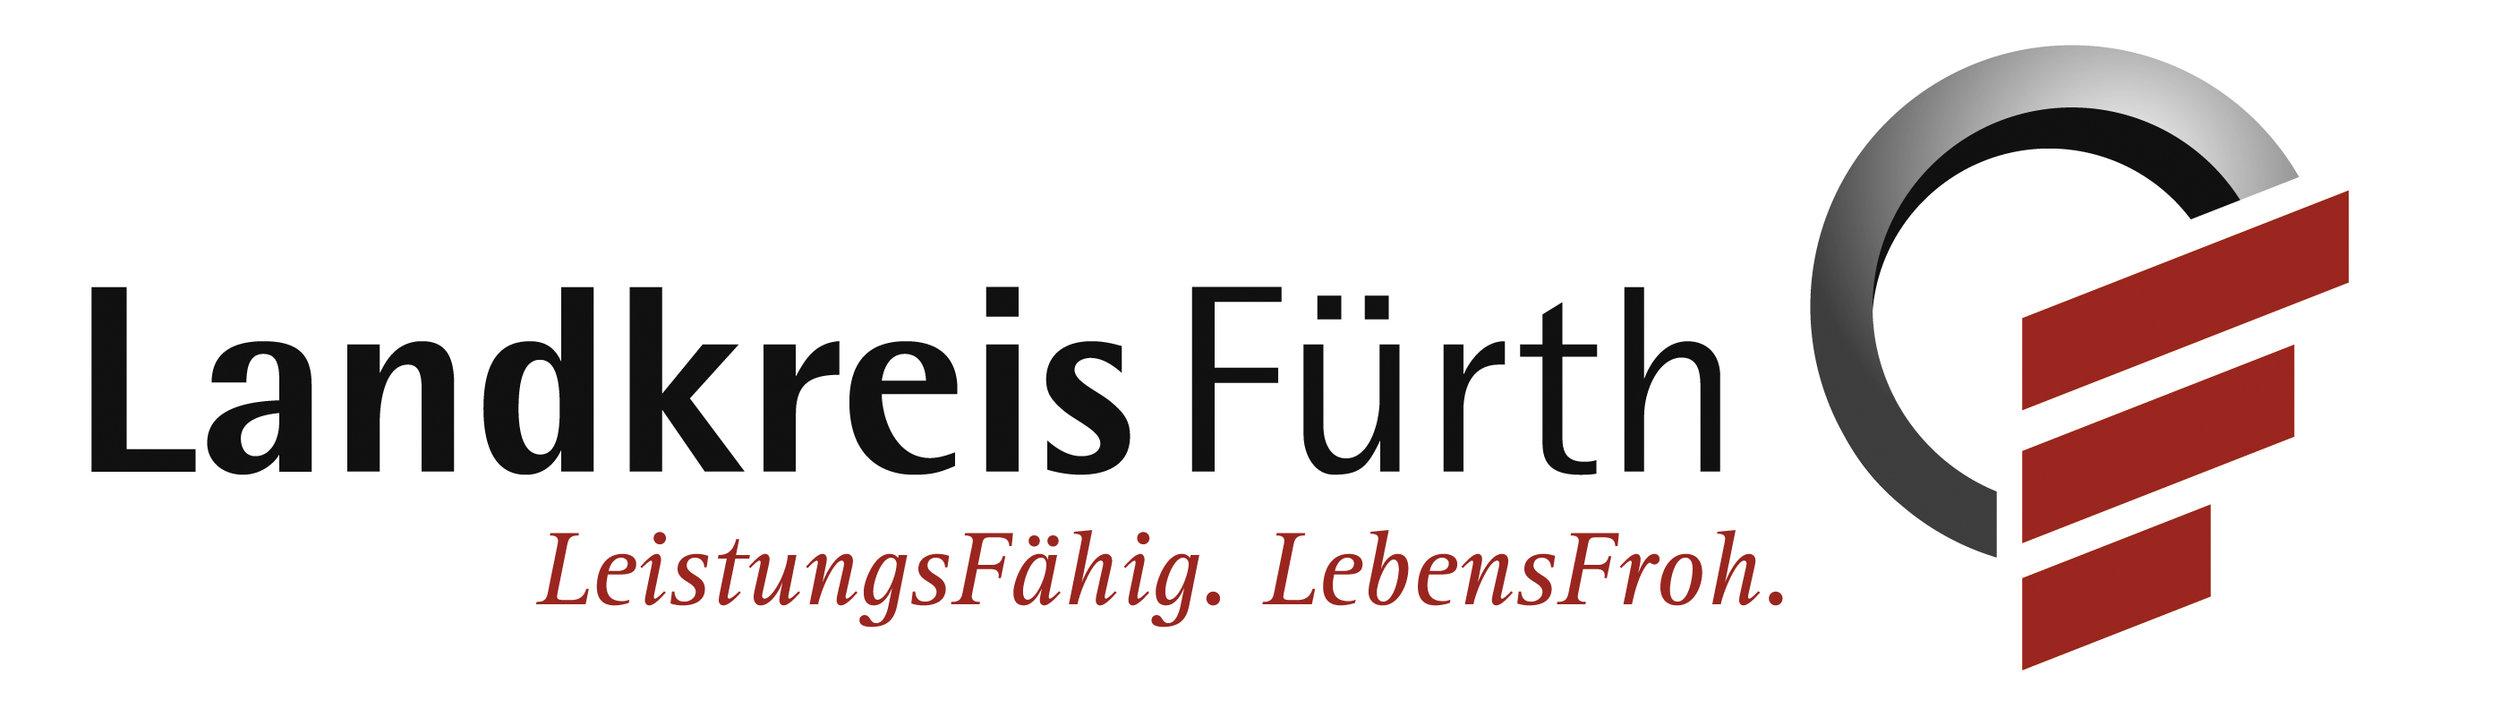 LandkrFuerth_Logo_mit Subline.jpg